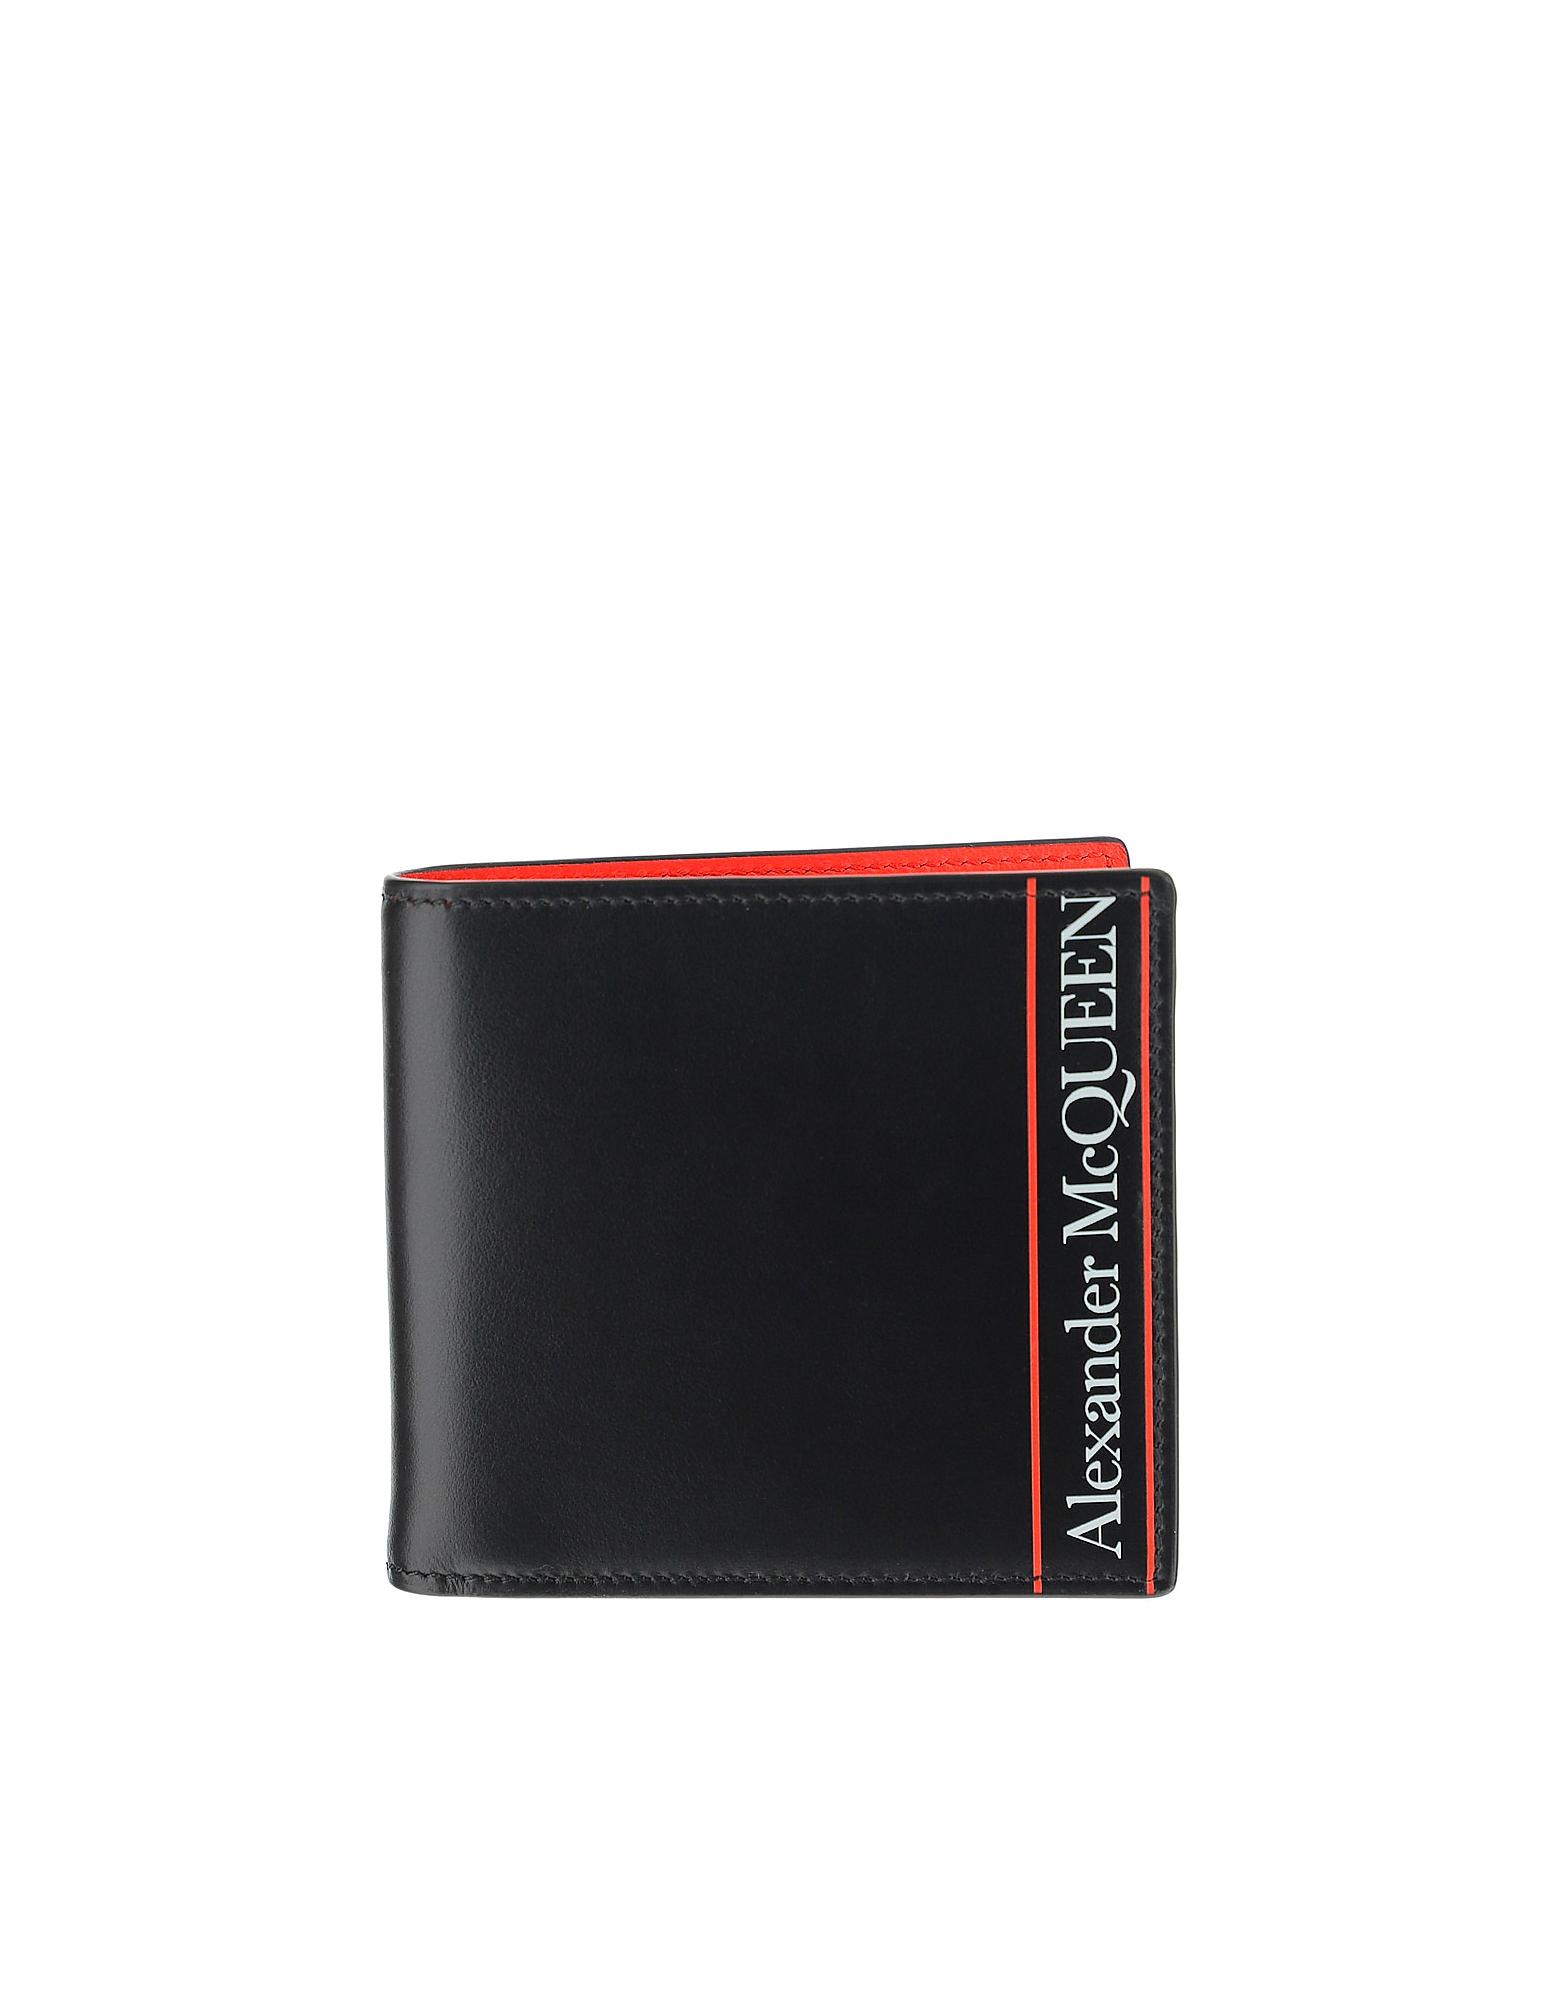 Alexander McQueen Designer Men's Bags, Black & Red Signature Bi-Fold Men's Wallet